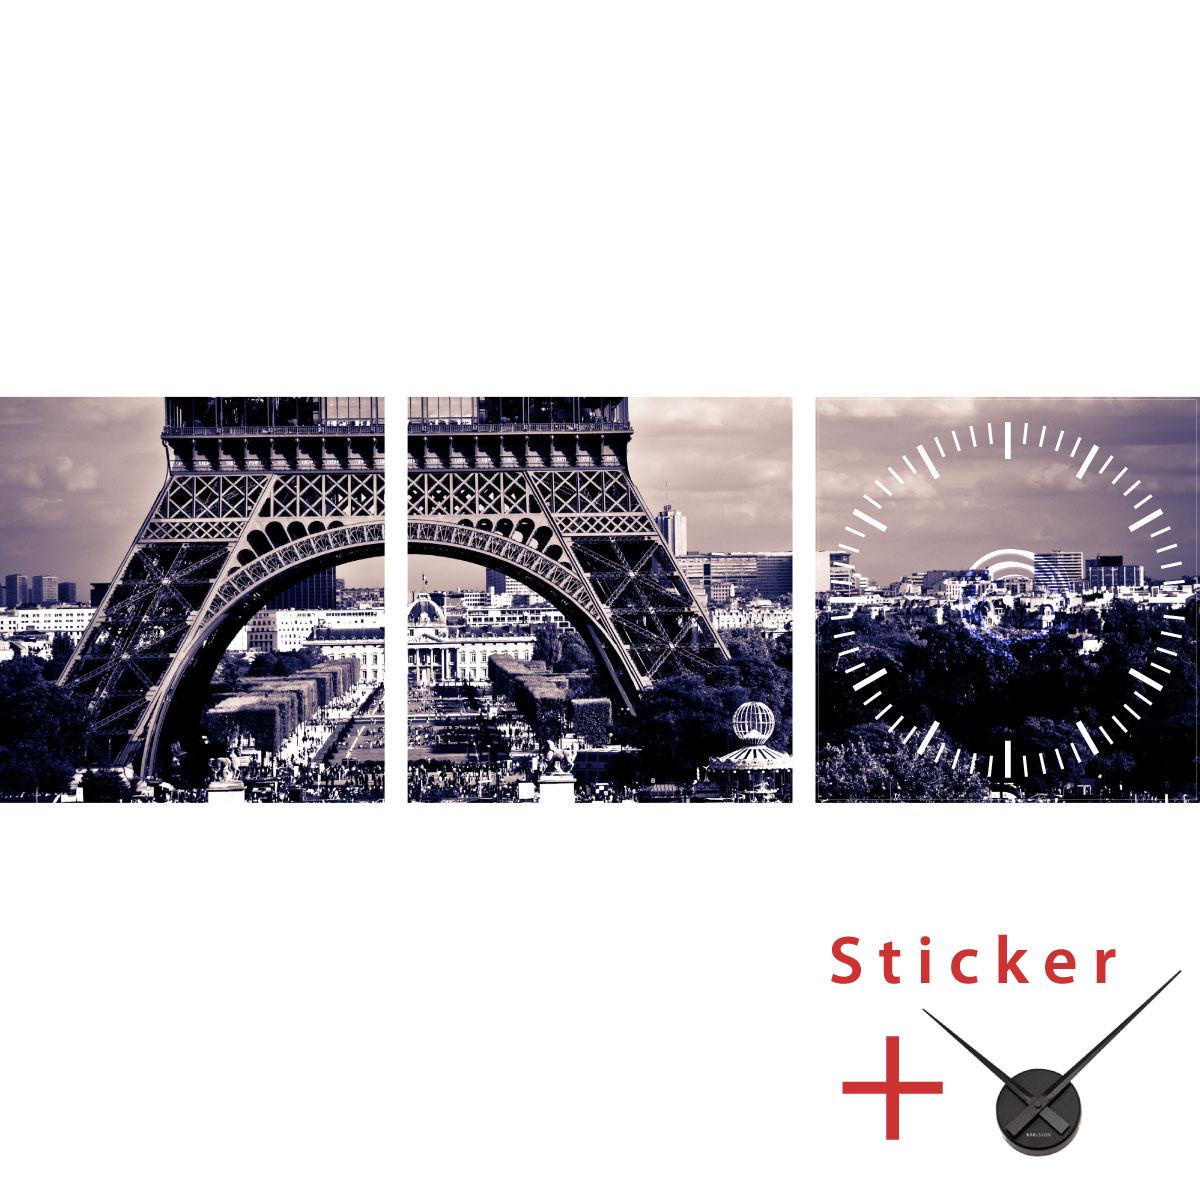 sticker horloge tour eiffel ville de paris stickers villes et voyages paris ambiance sticker. Black Bedroom Furniture Sets. Home Design Ideas